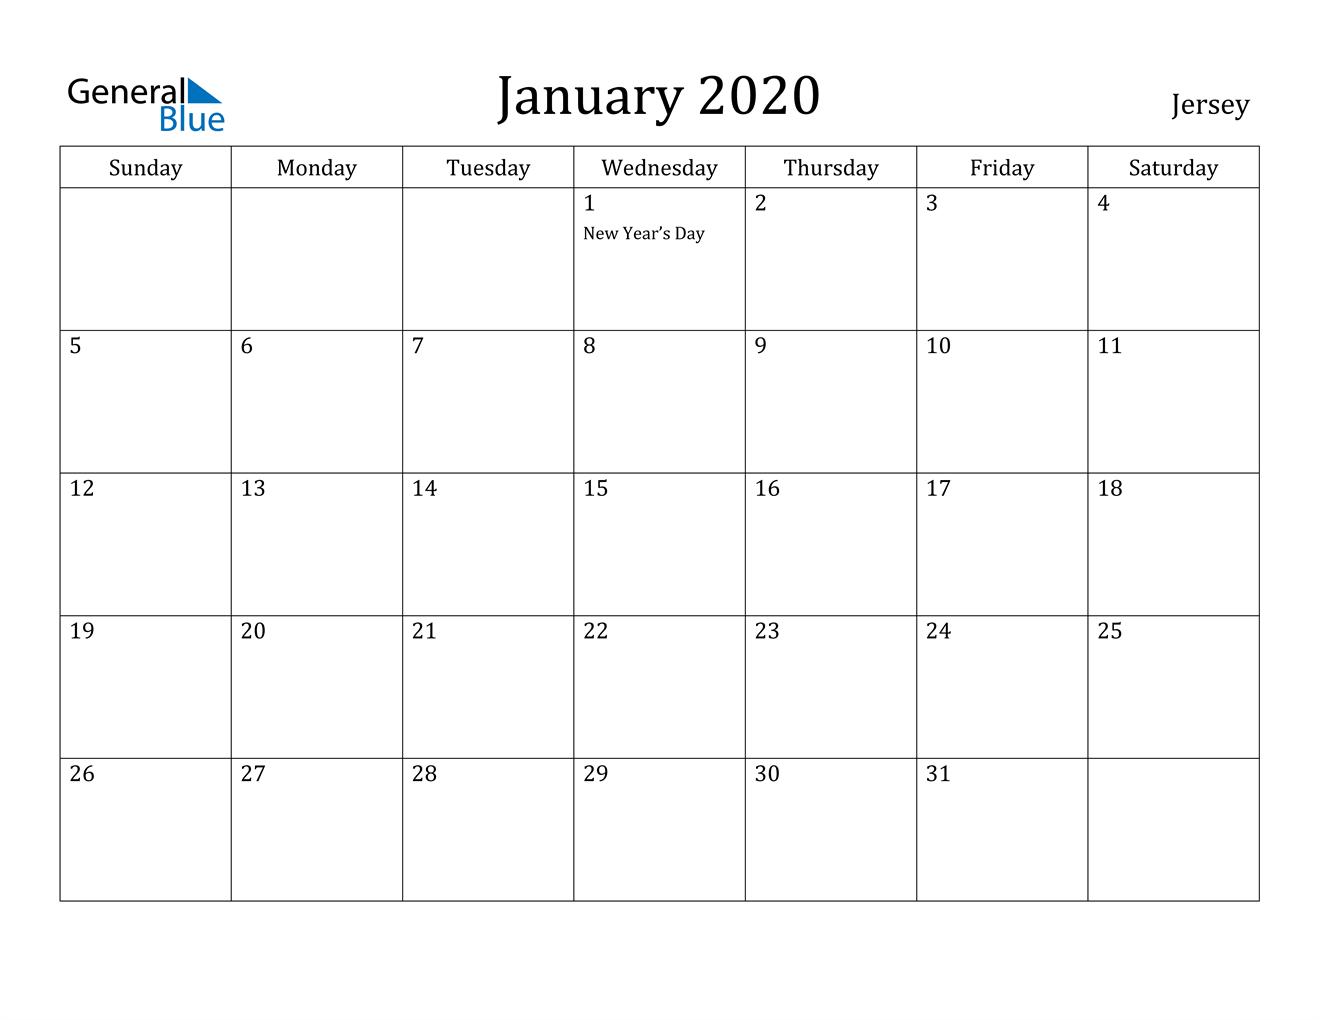 Image of January 2020 Jersey Calendar with Holidays Calendar